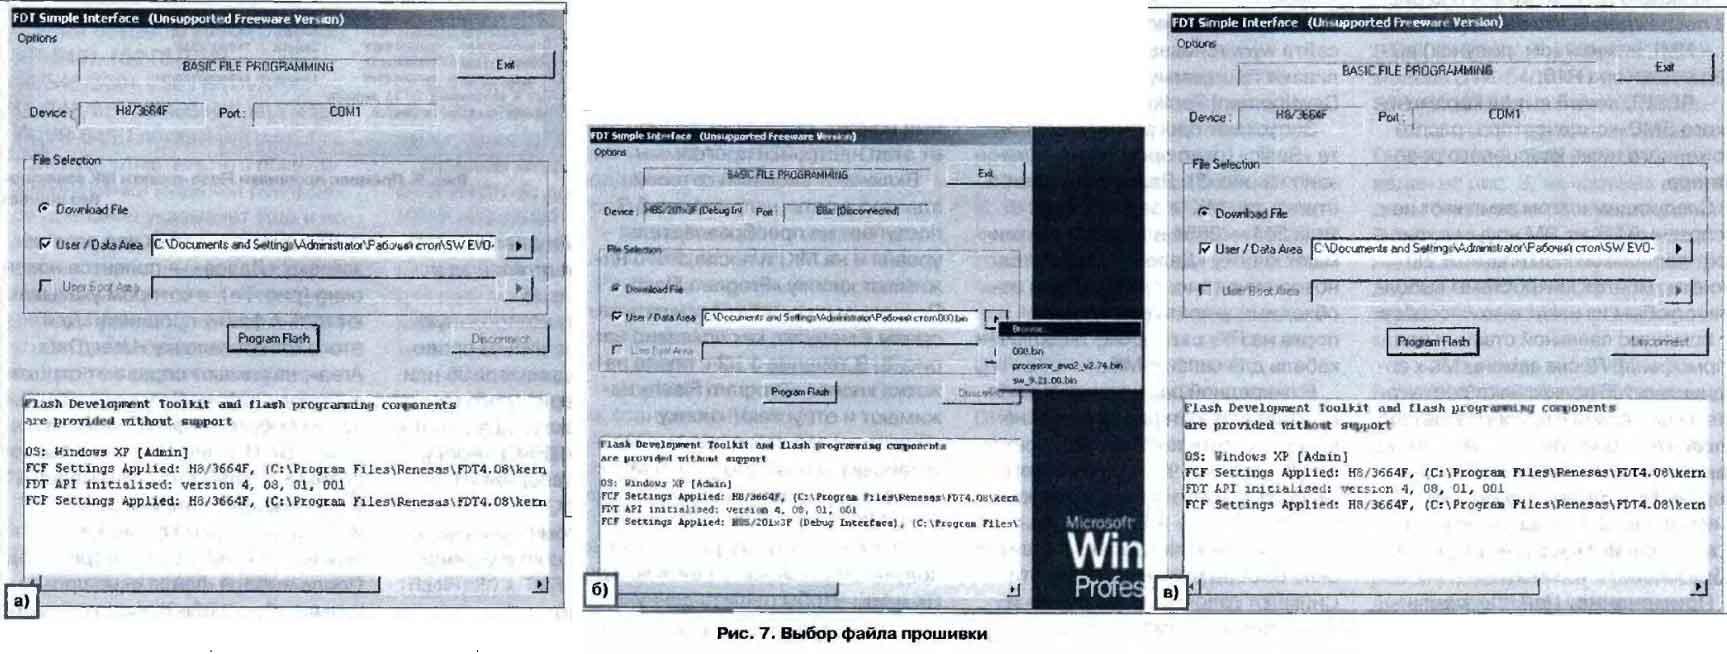 Выбор файла прошивки